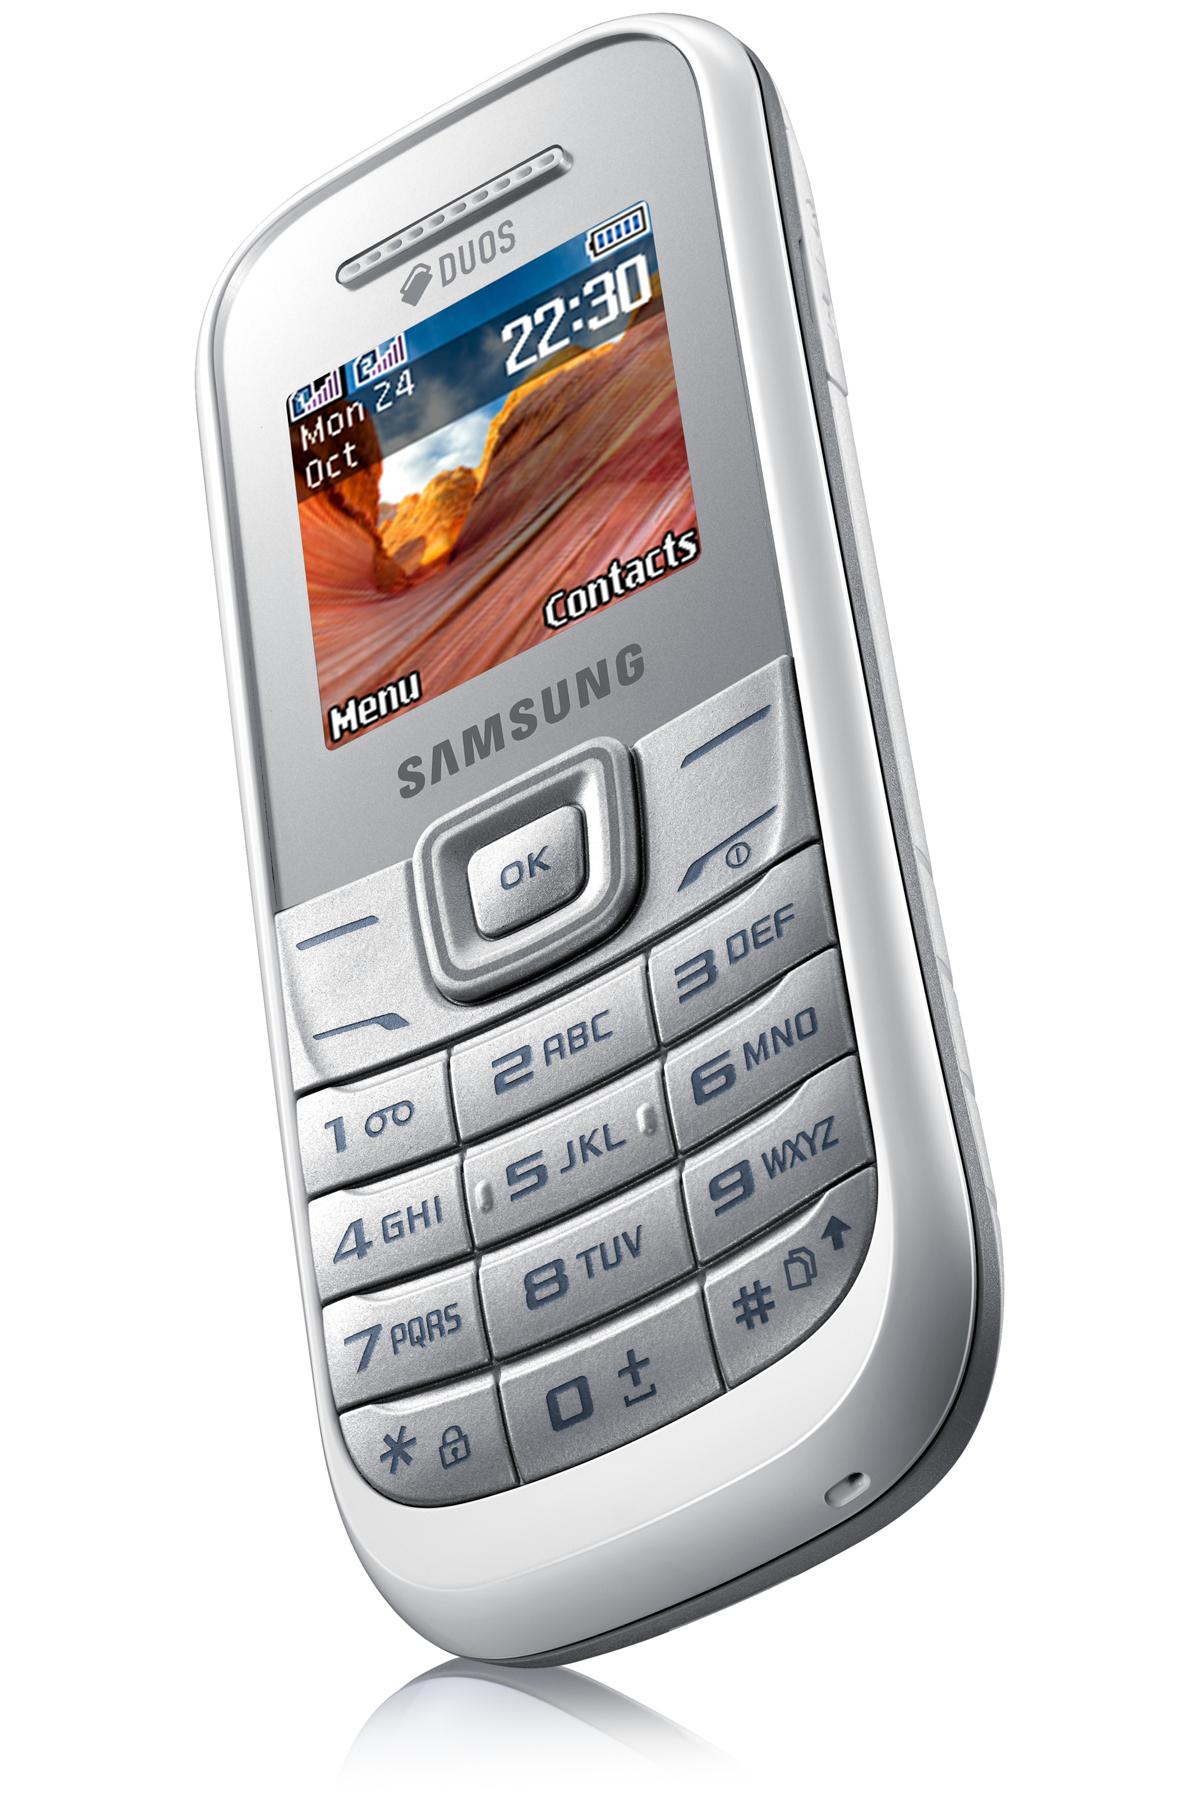 Сотовый телефон самсунг все модели фото и цены